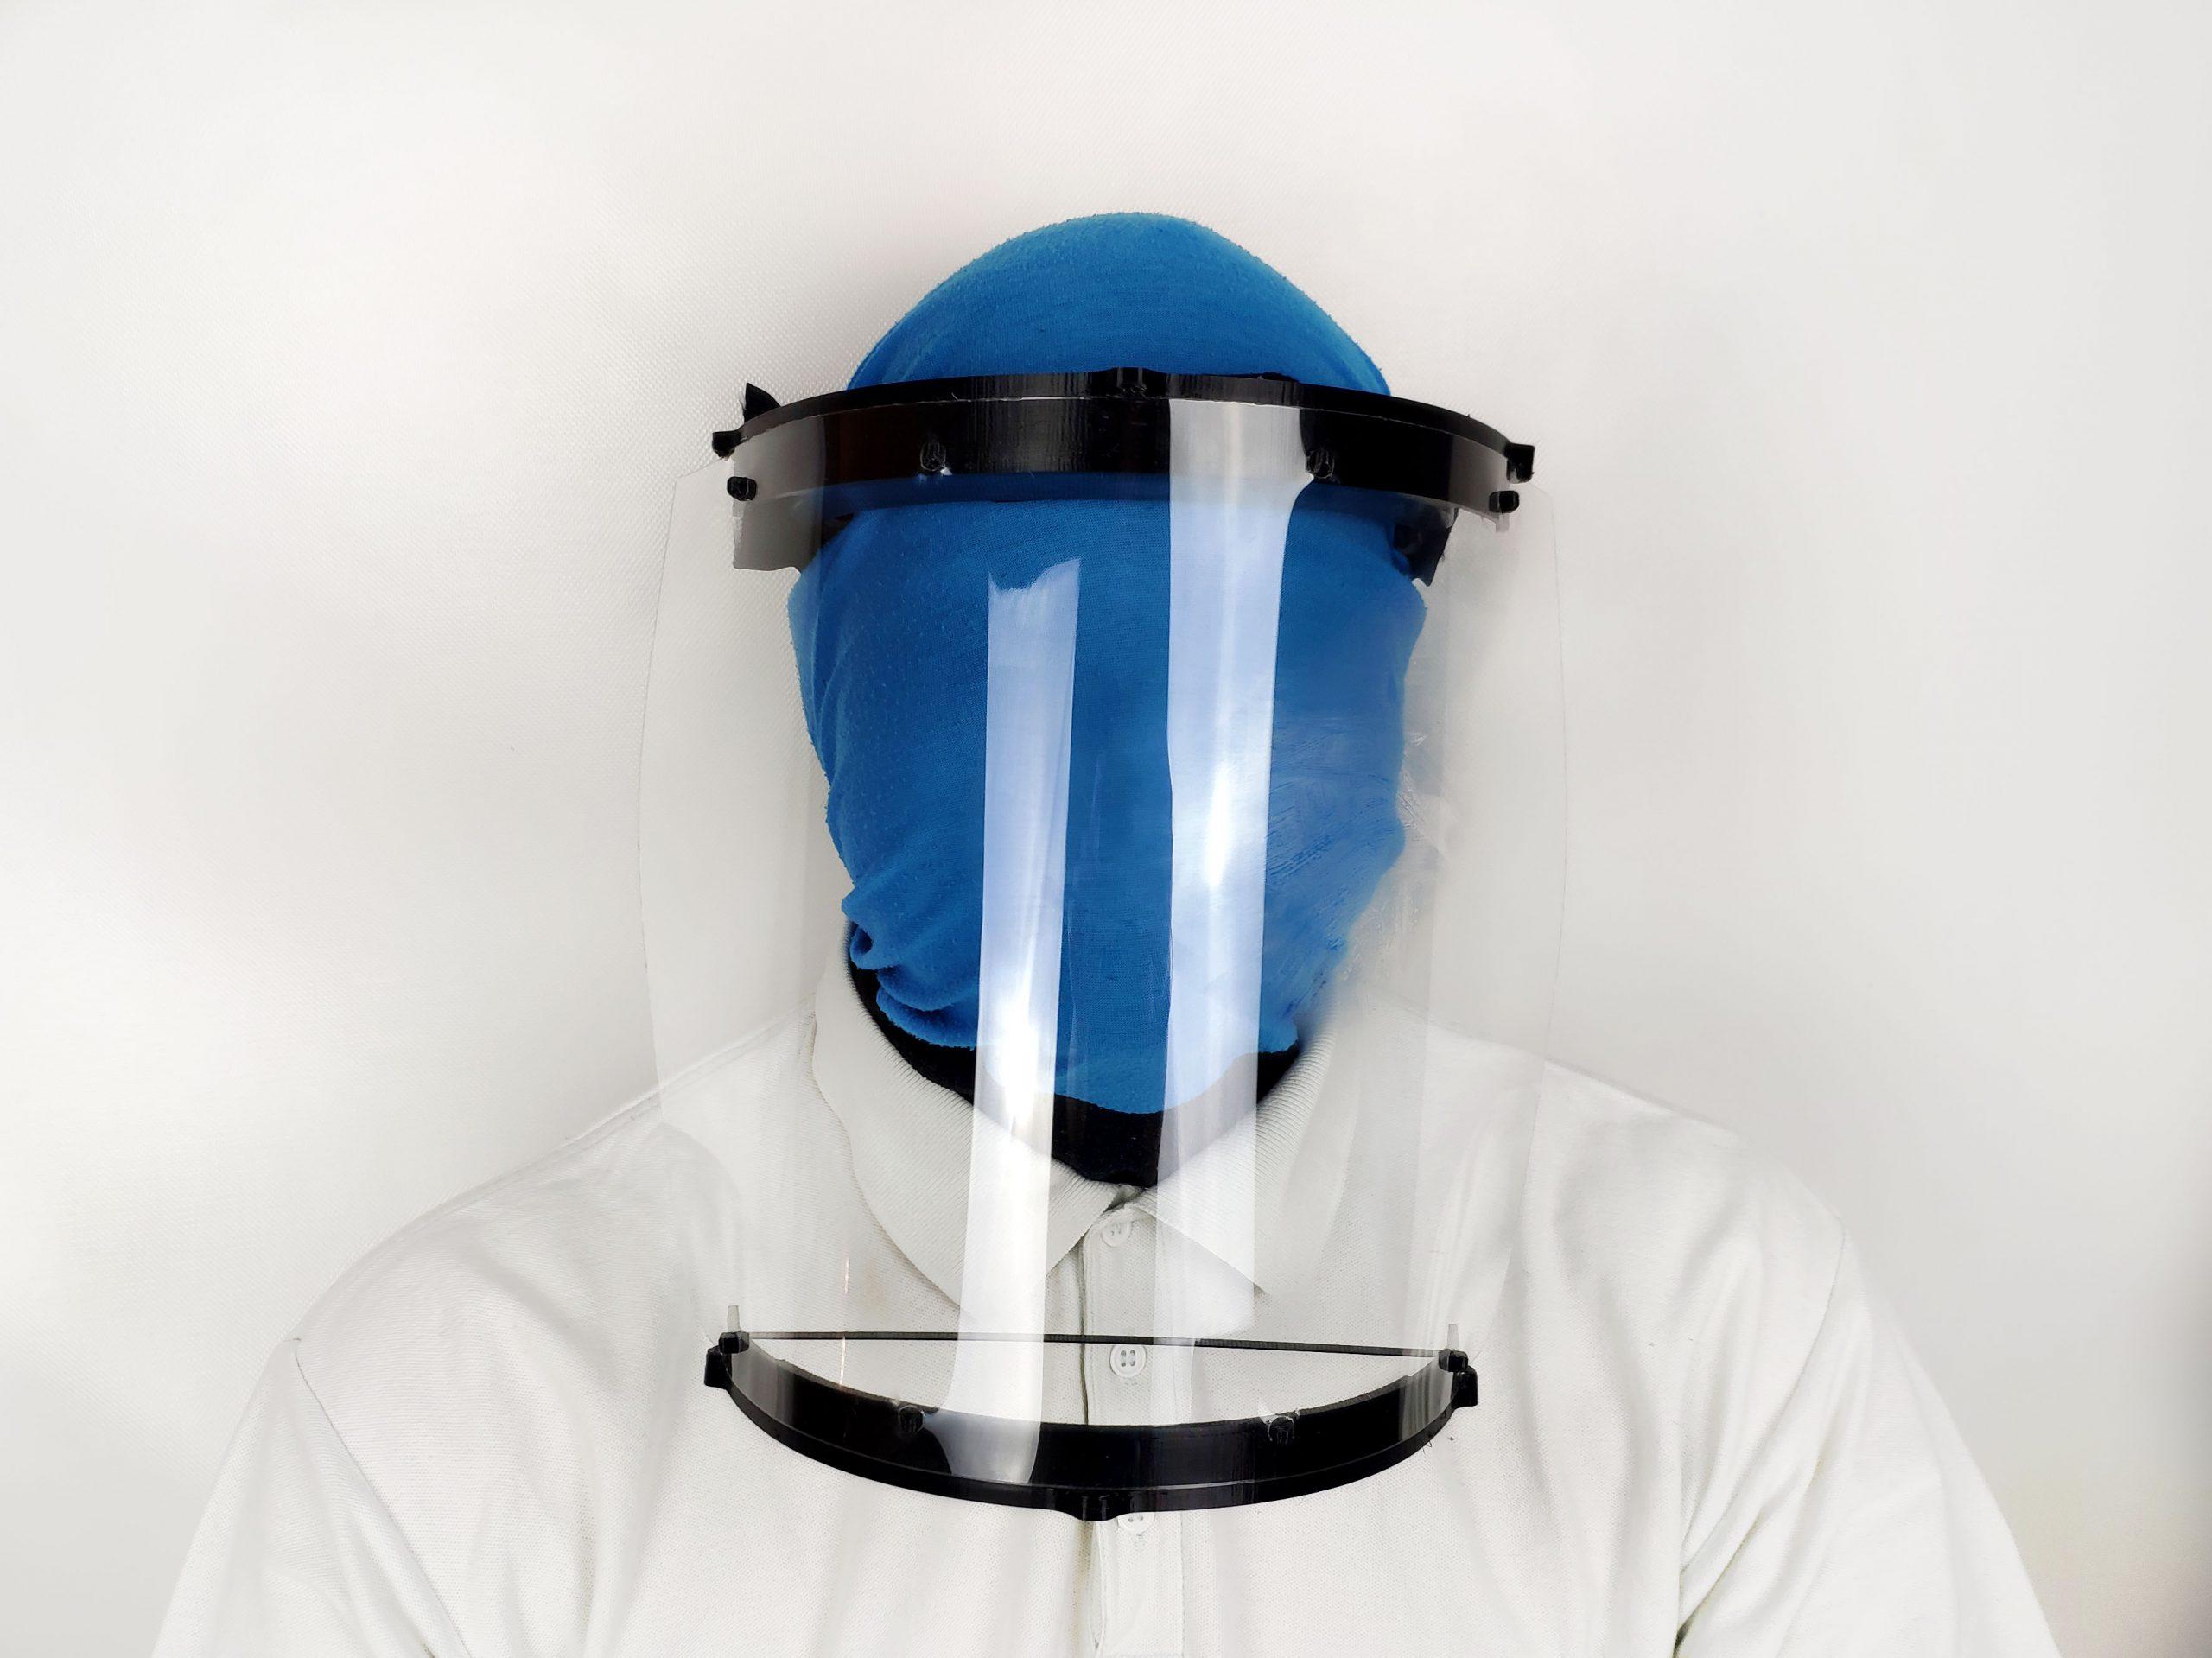 Schutzmaske angezogen frontal